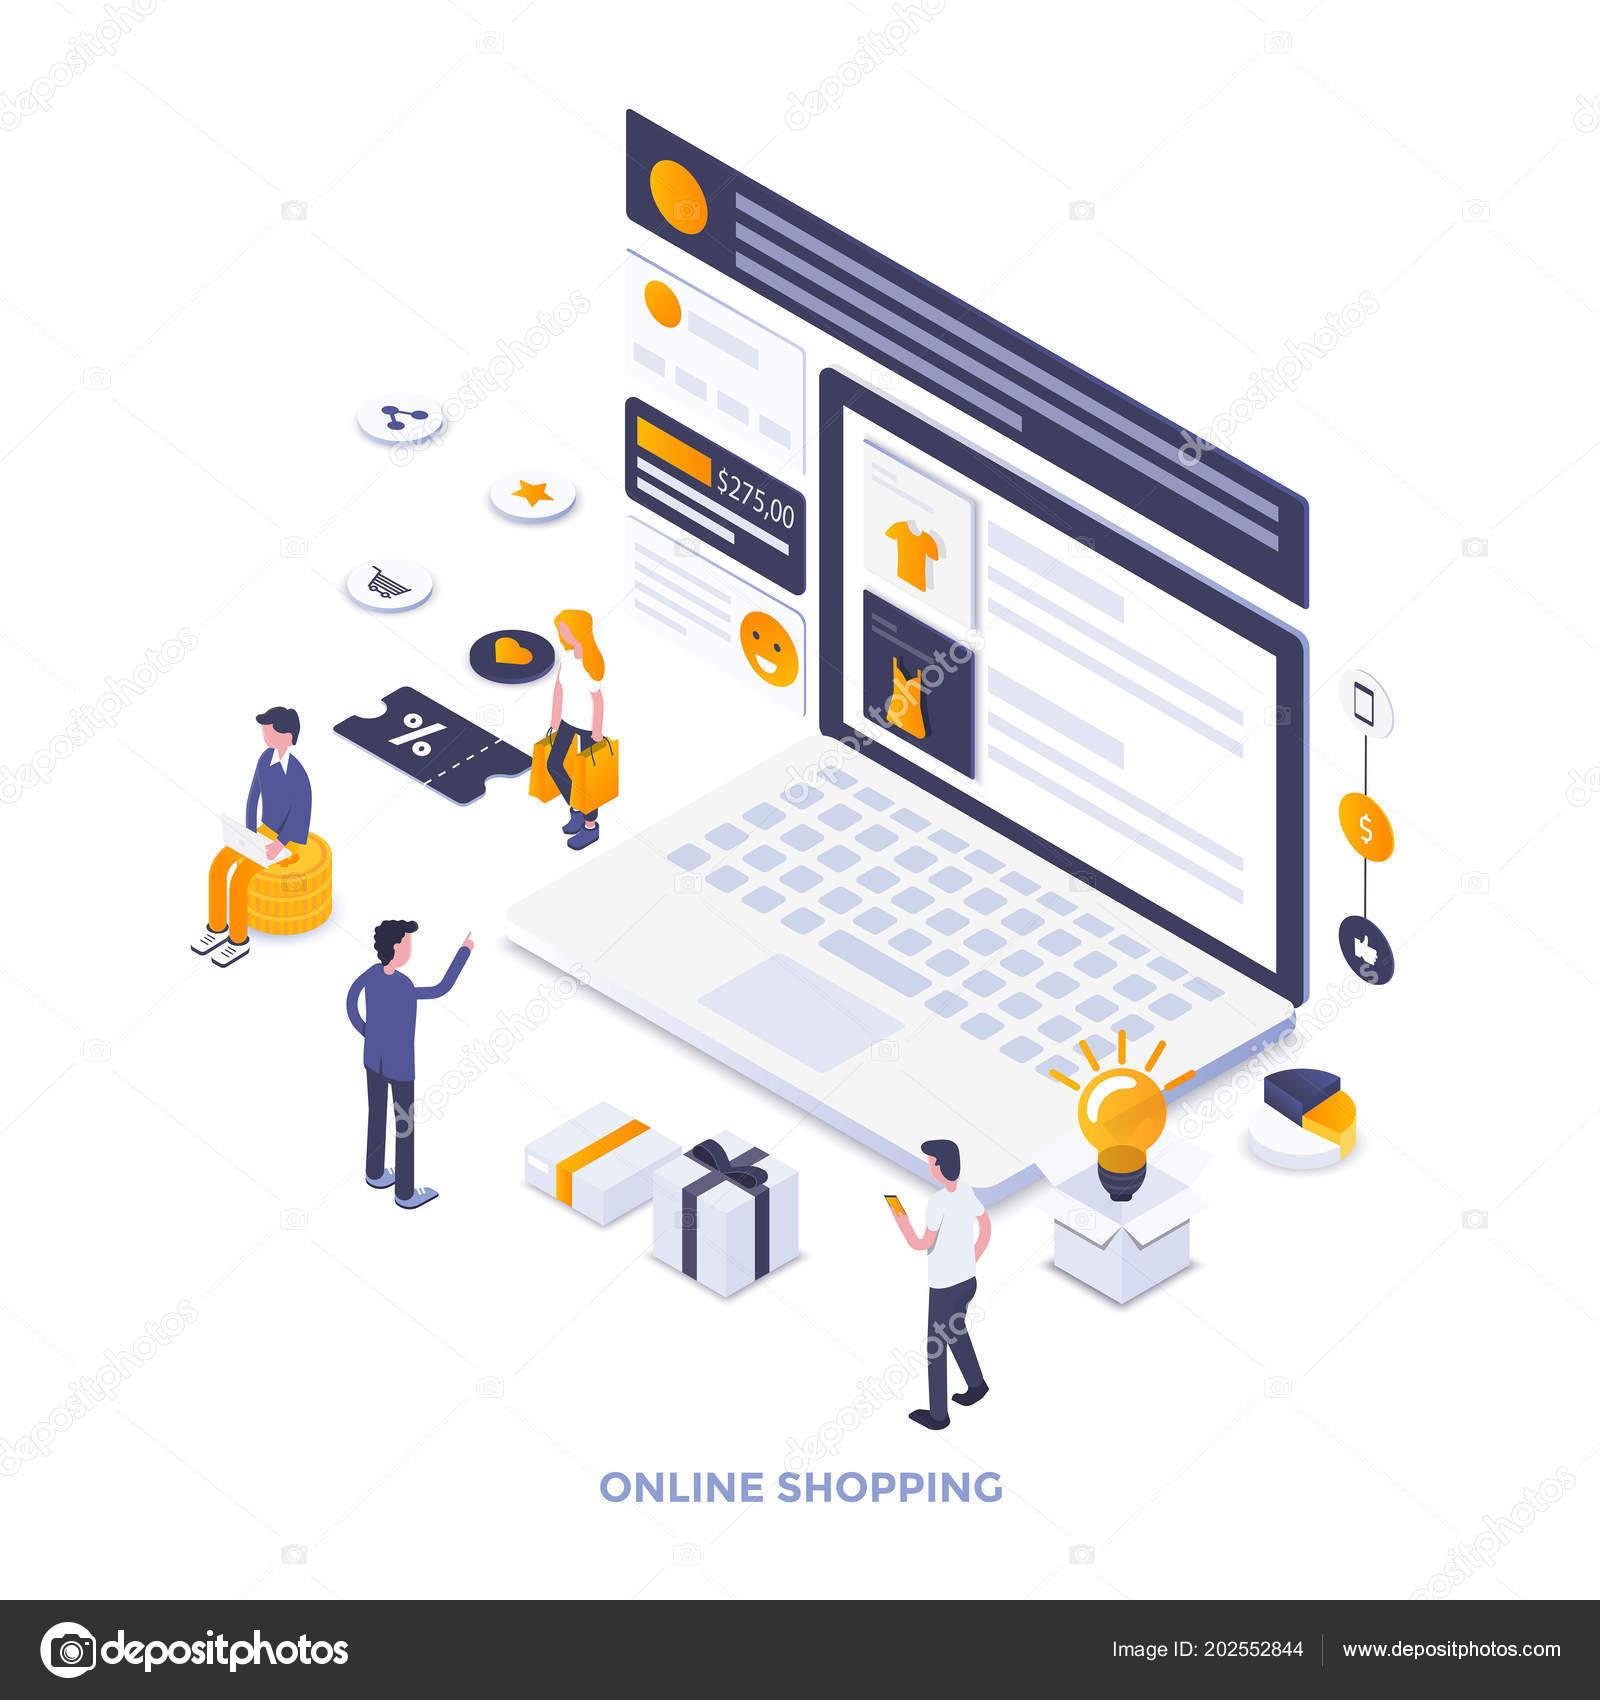 Modern Flat Design Isometric Illustration Online Shopping